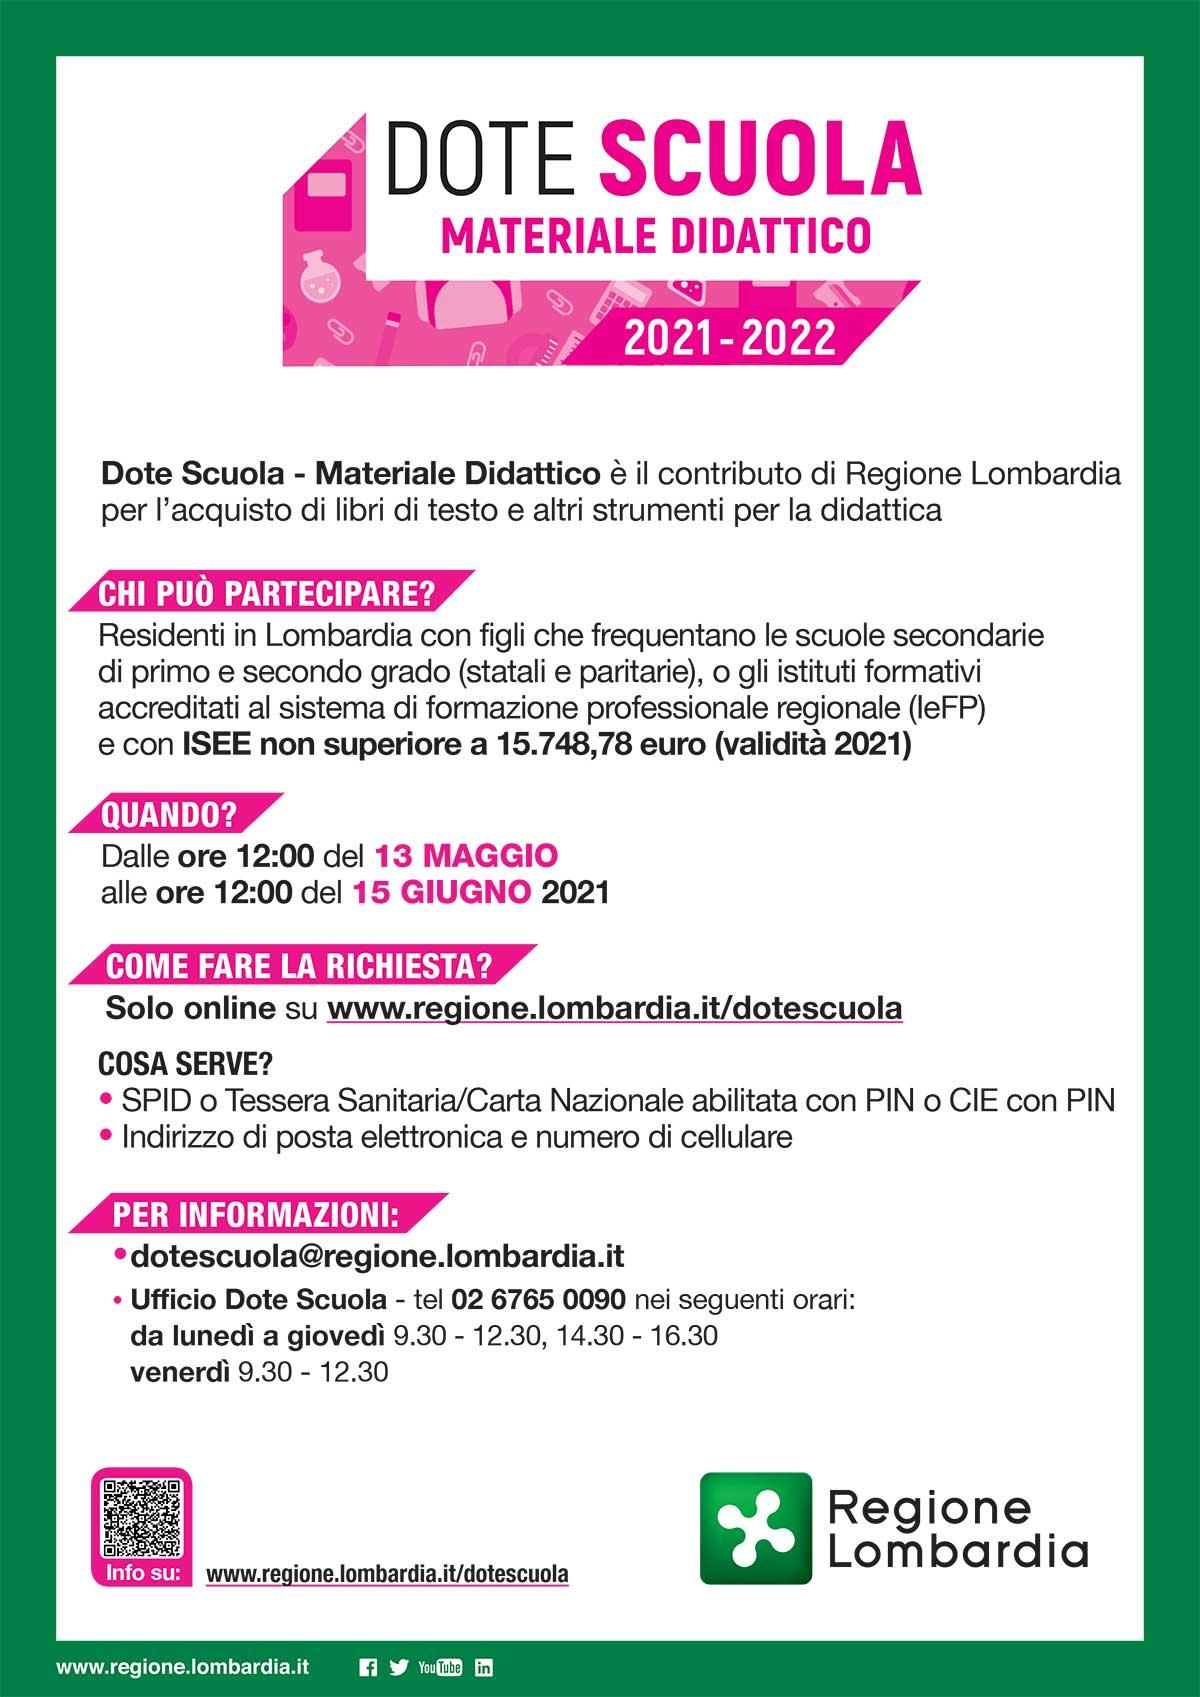 Dote+Scuola_materiale+didatico+21